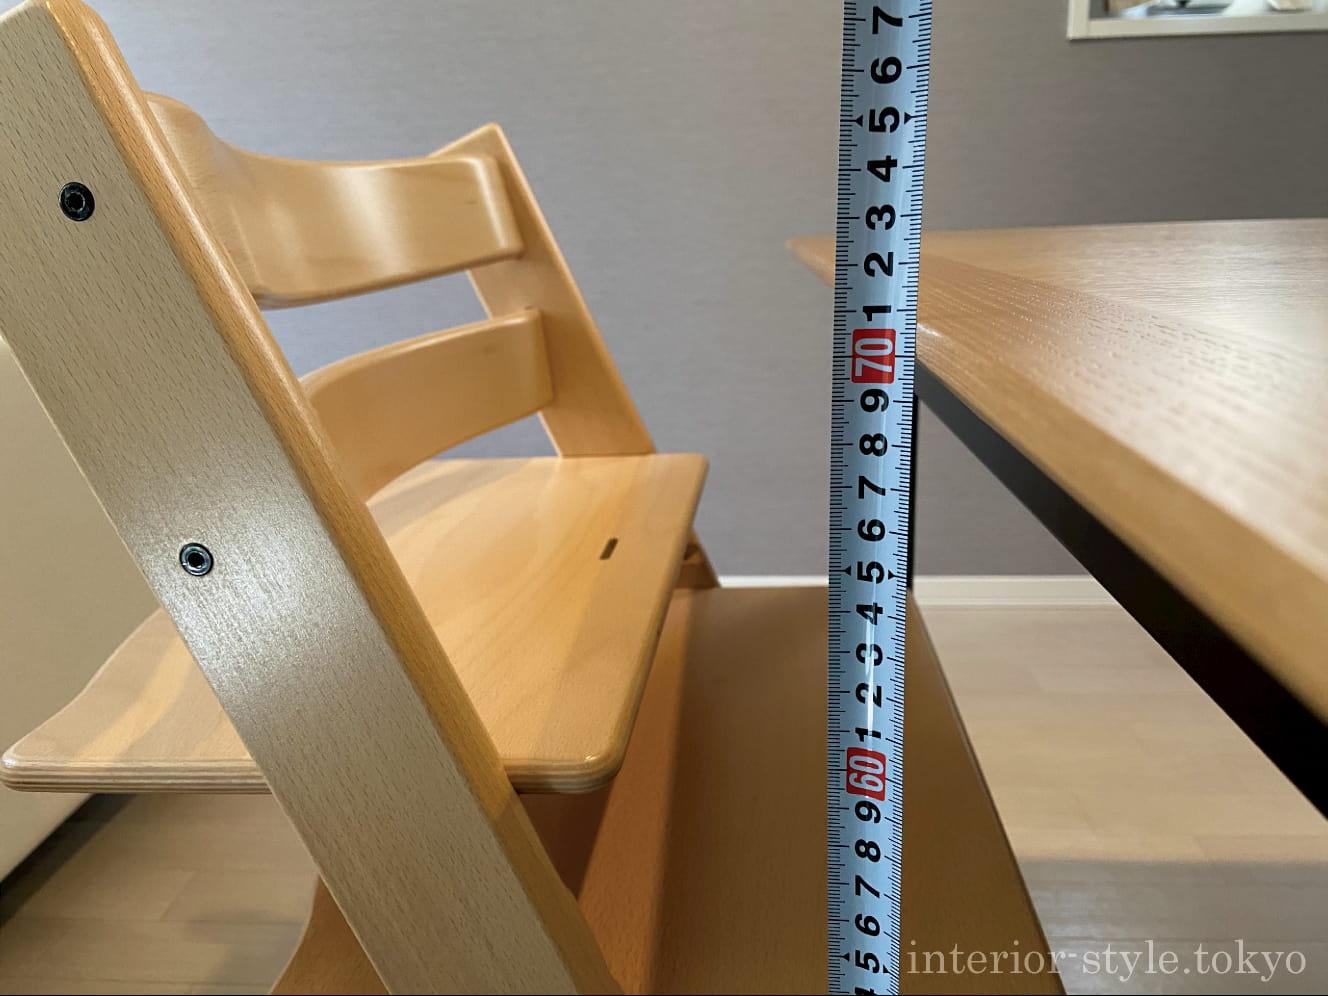 高さ71cmのダイニングテーブルとトリップトラップ